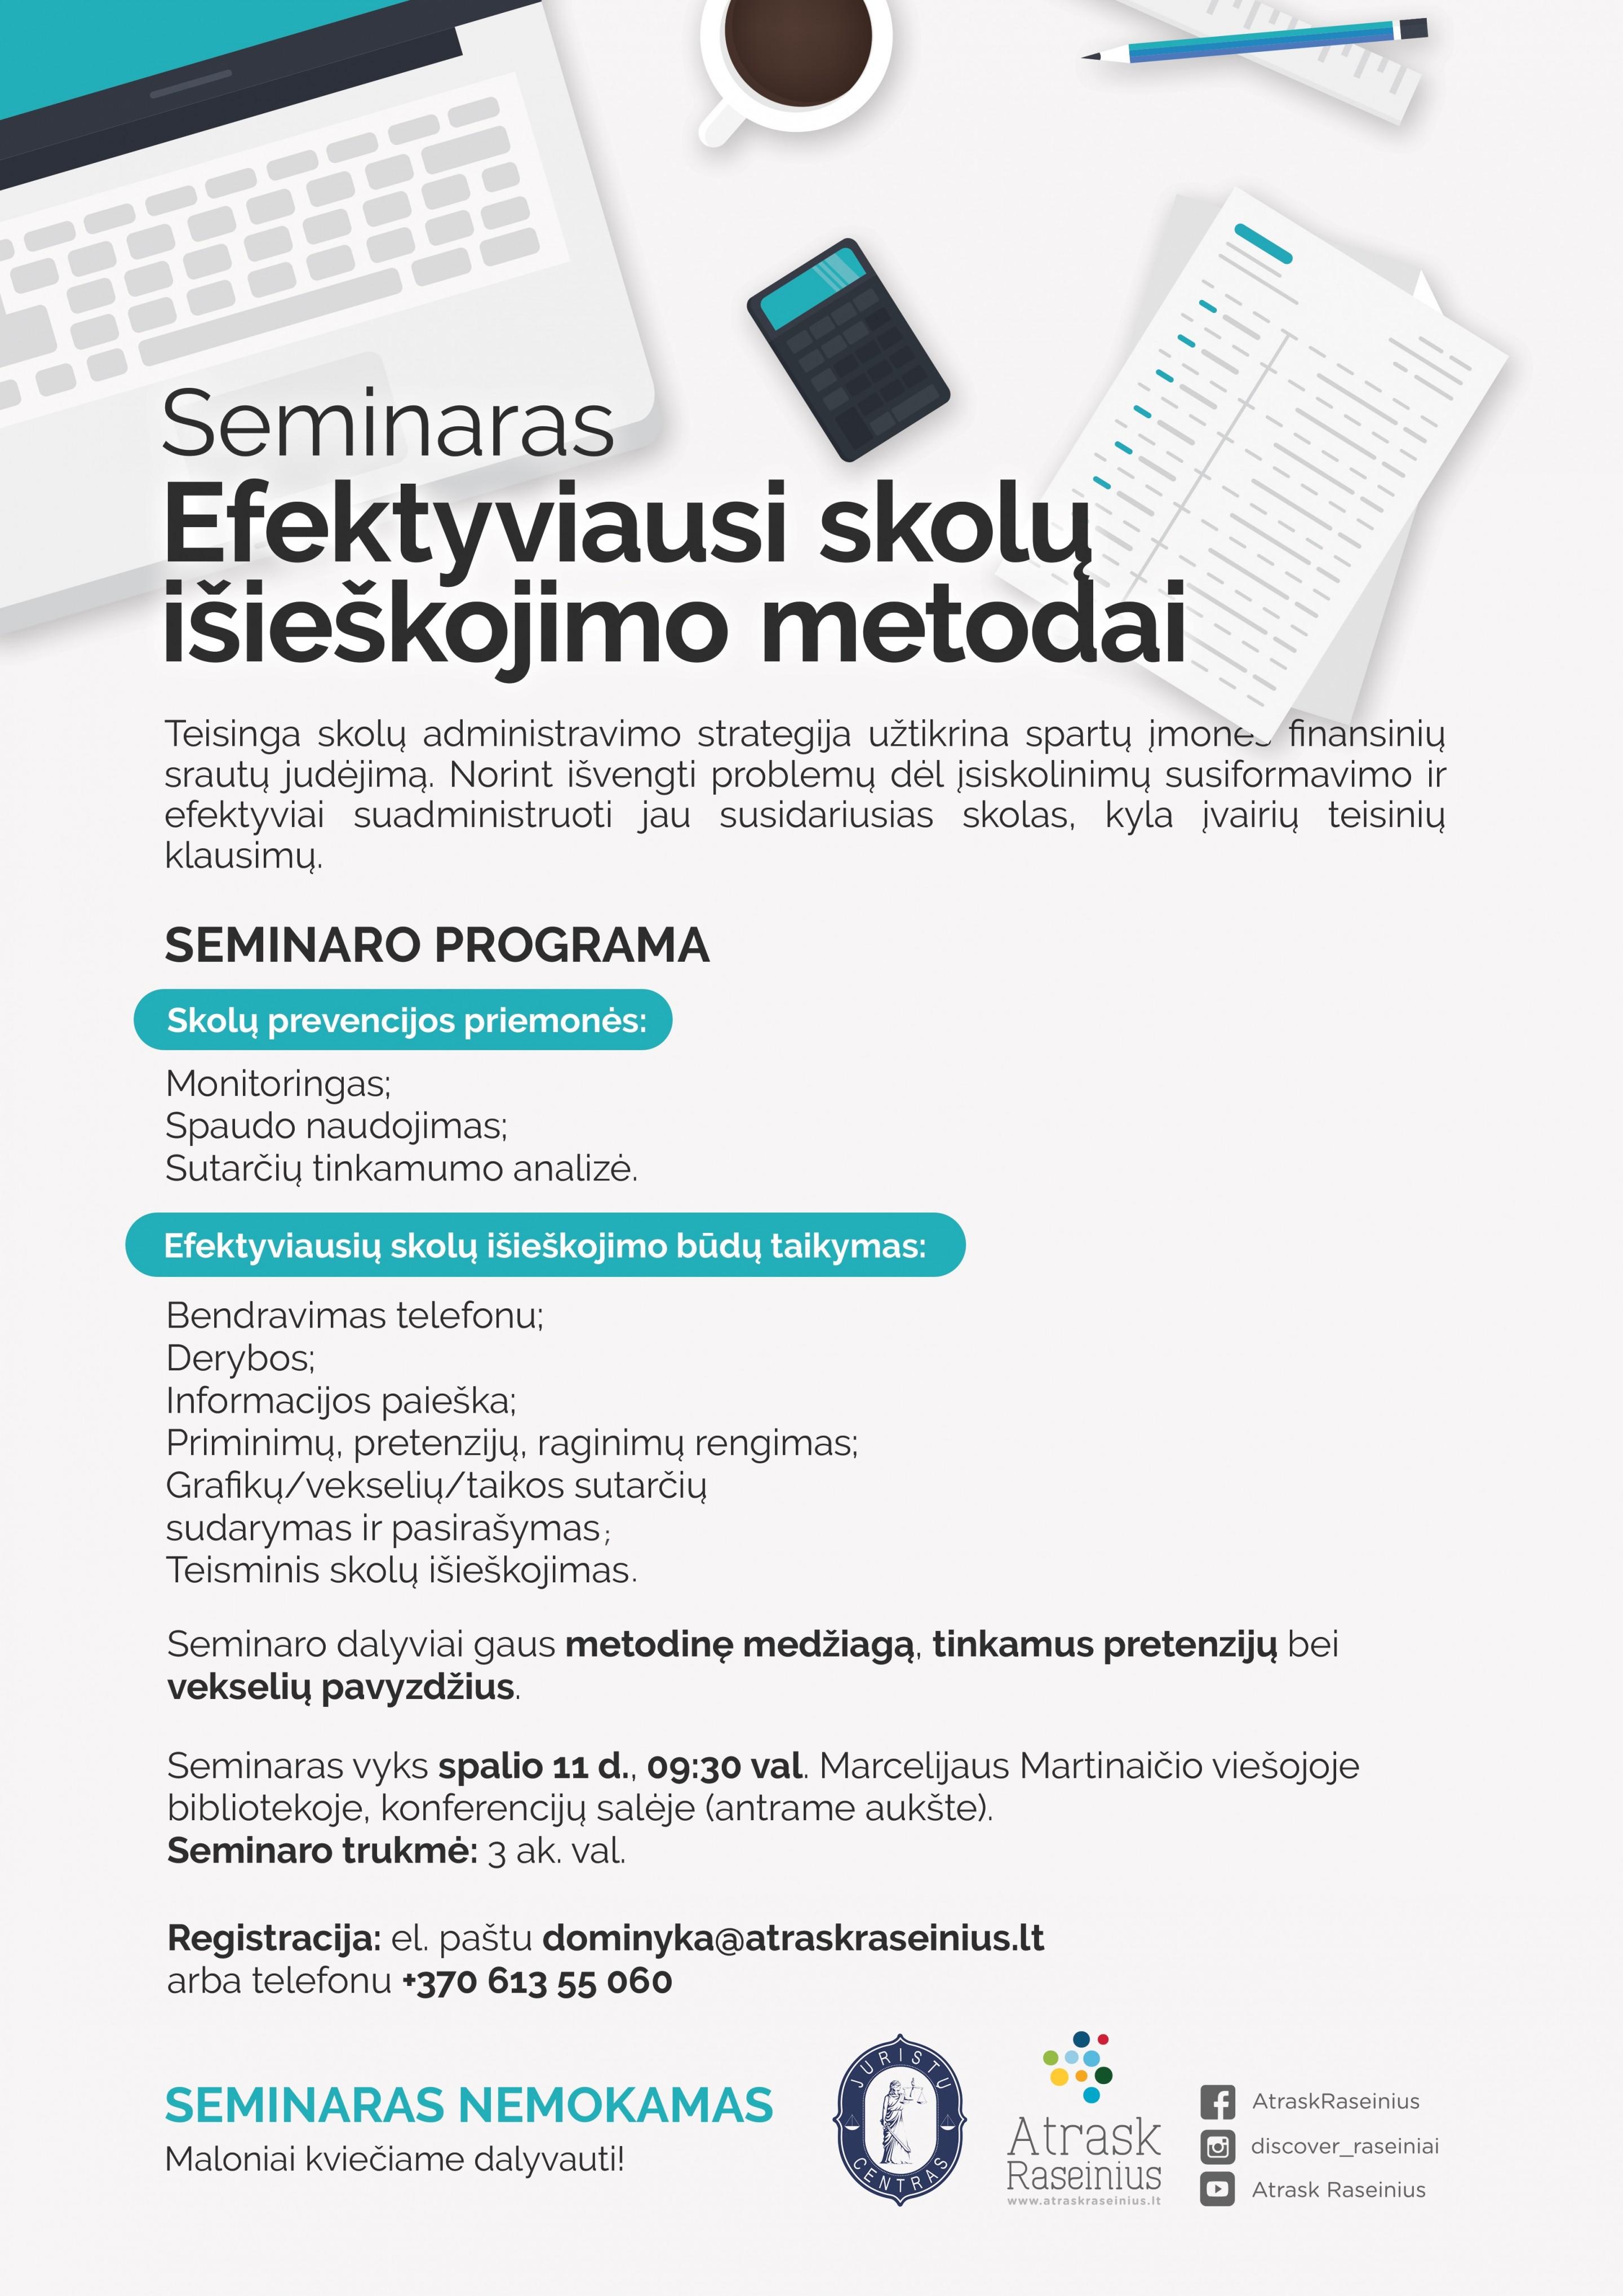 Raseiniai Seminaras EfektyviausiSkoluIsieskojimoMetodai Plakatas A3 2 uai 2880x4073 1